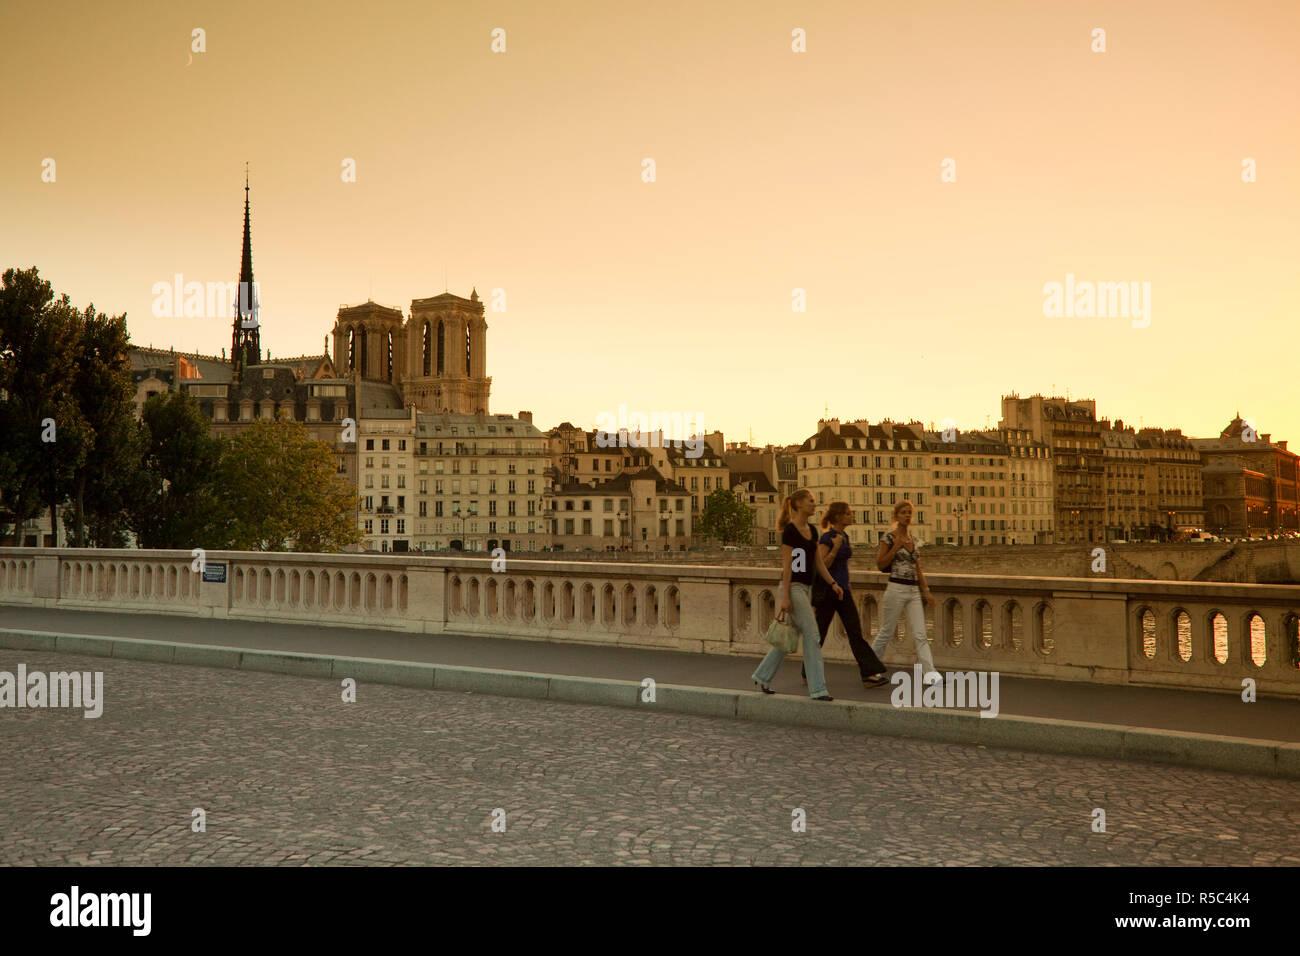 Pont Louis Philippe, Notre Dame & Ile de la Cite, Paris, France - Stock Image